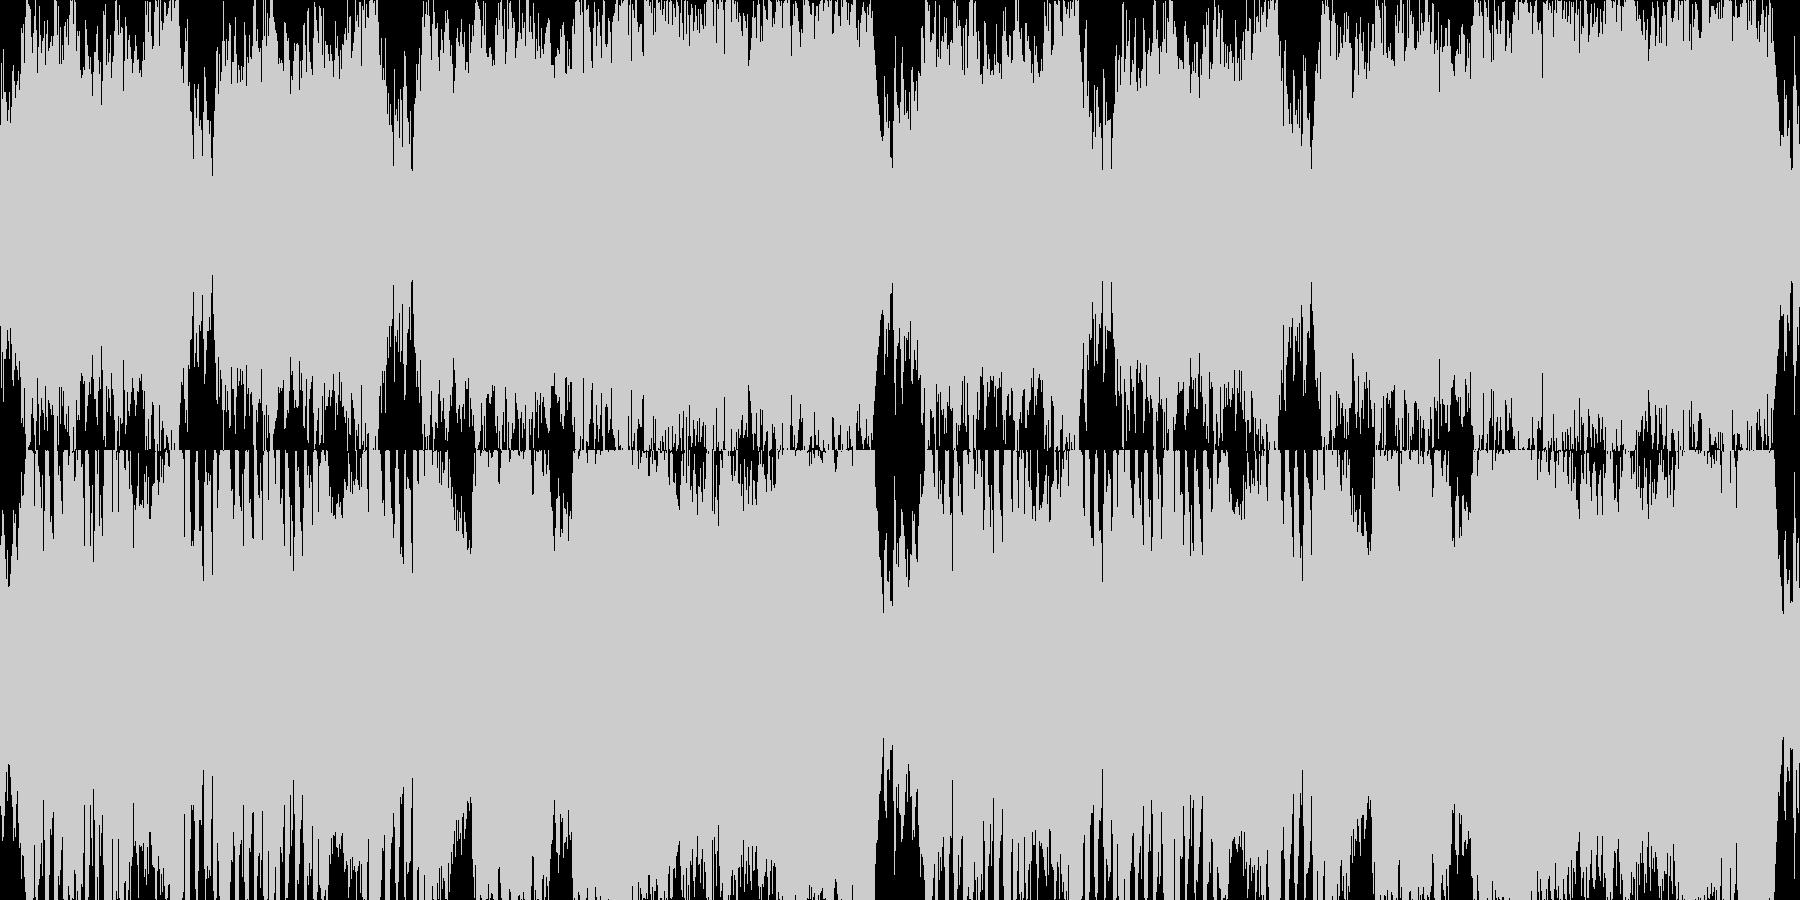 飛翔感のあるオーケストラの未再生の波形